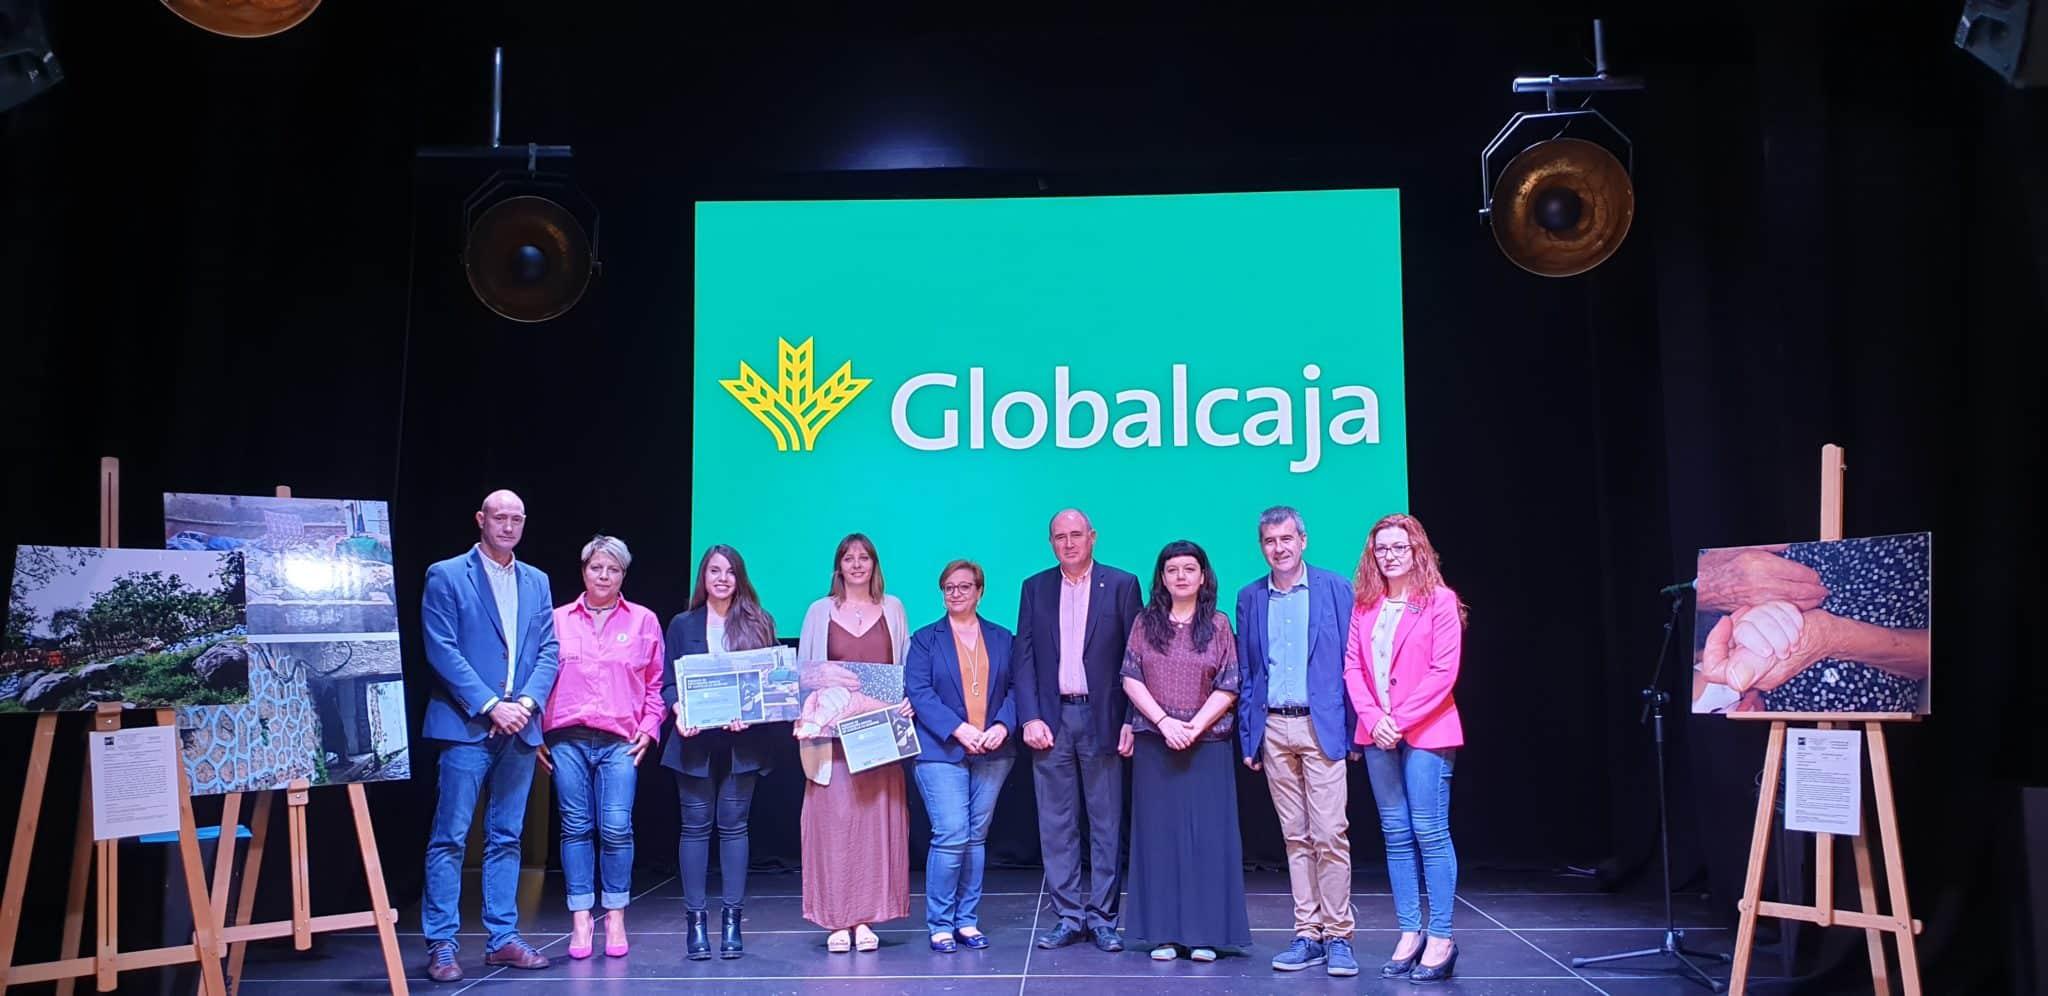 https://blog.globalcaja.es/wp-content/uploads/2019/09/Premio-fotografia-social-de-CLM.jpg